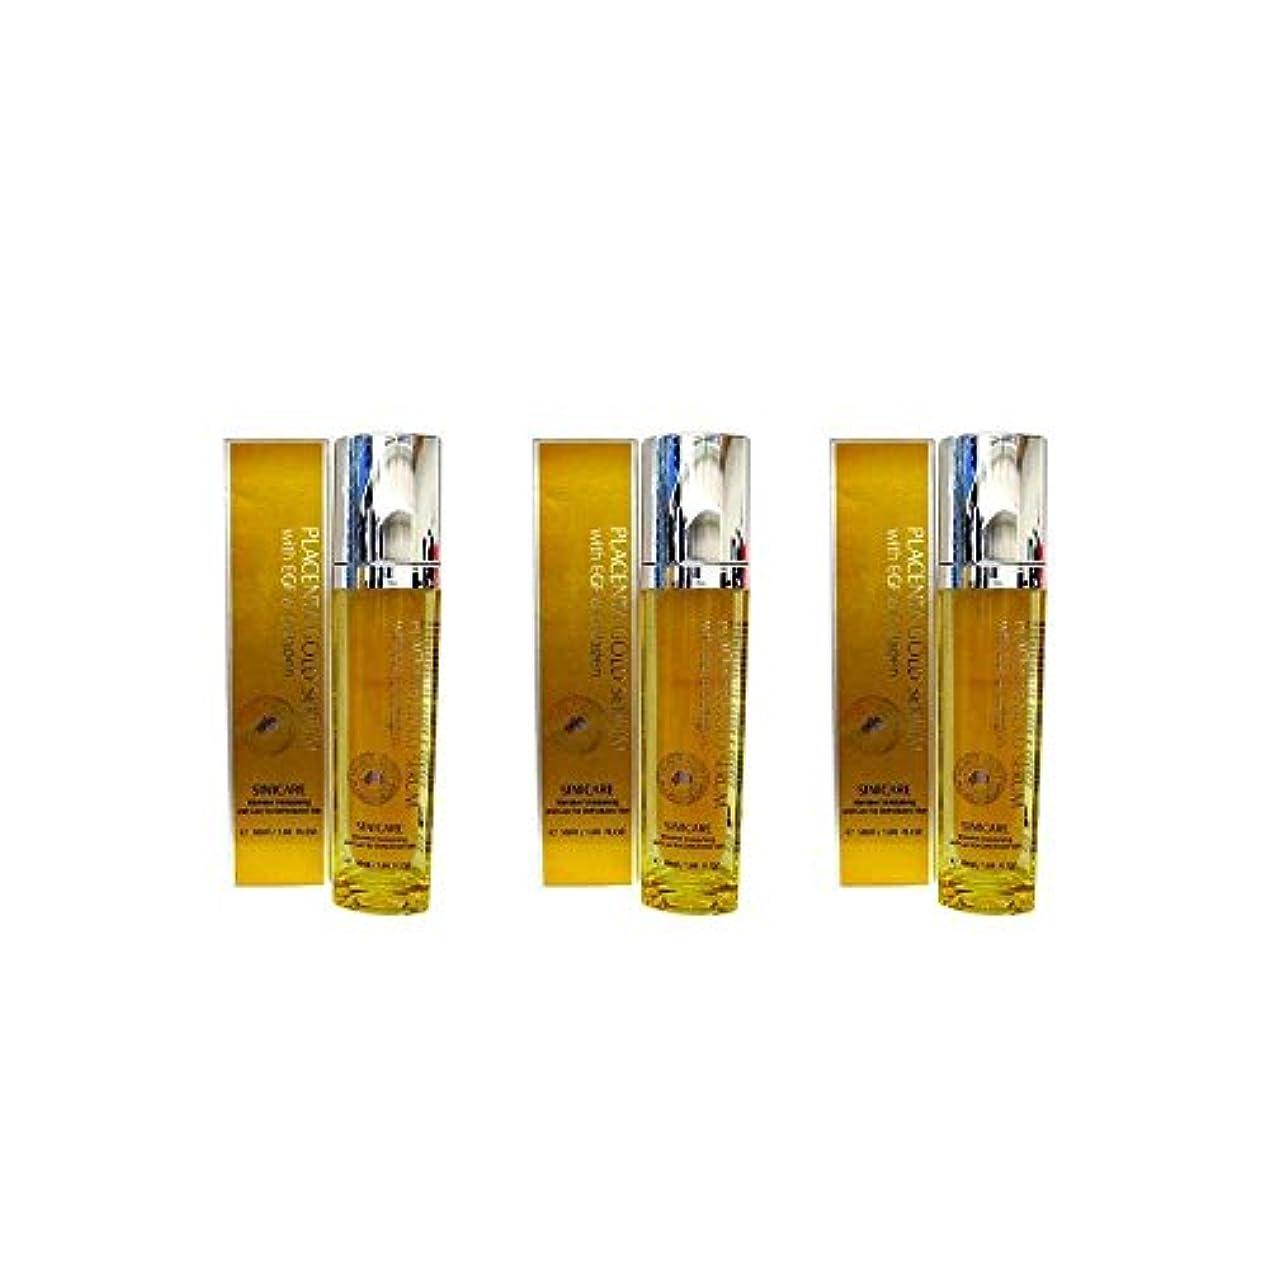 対人スピン属性[Sini Care]新!EGF配合プラセンタ美容液(Placenta Gold Serum With EGF)50ml×3本セット[海外直送品]